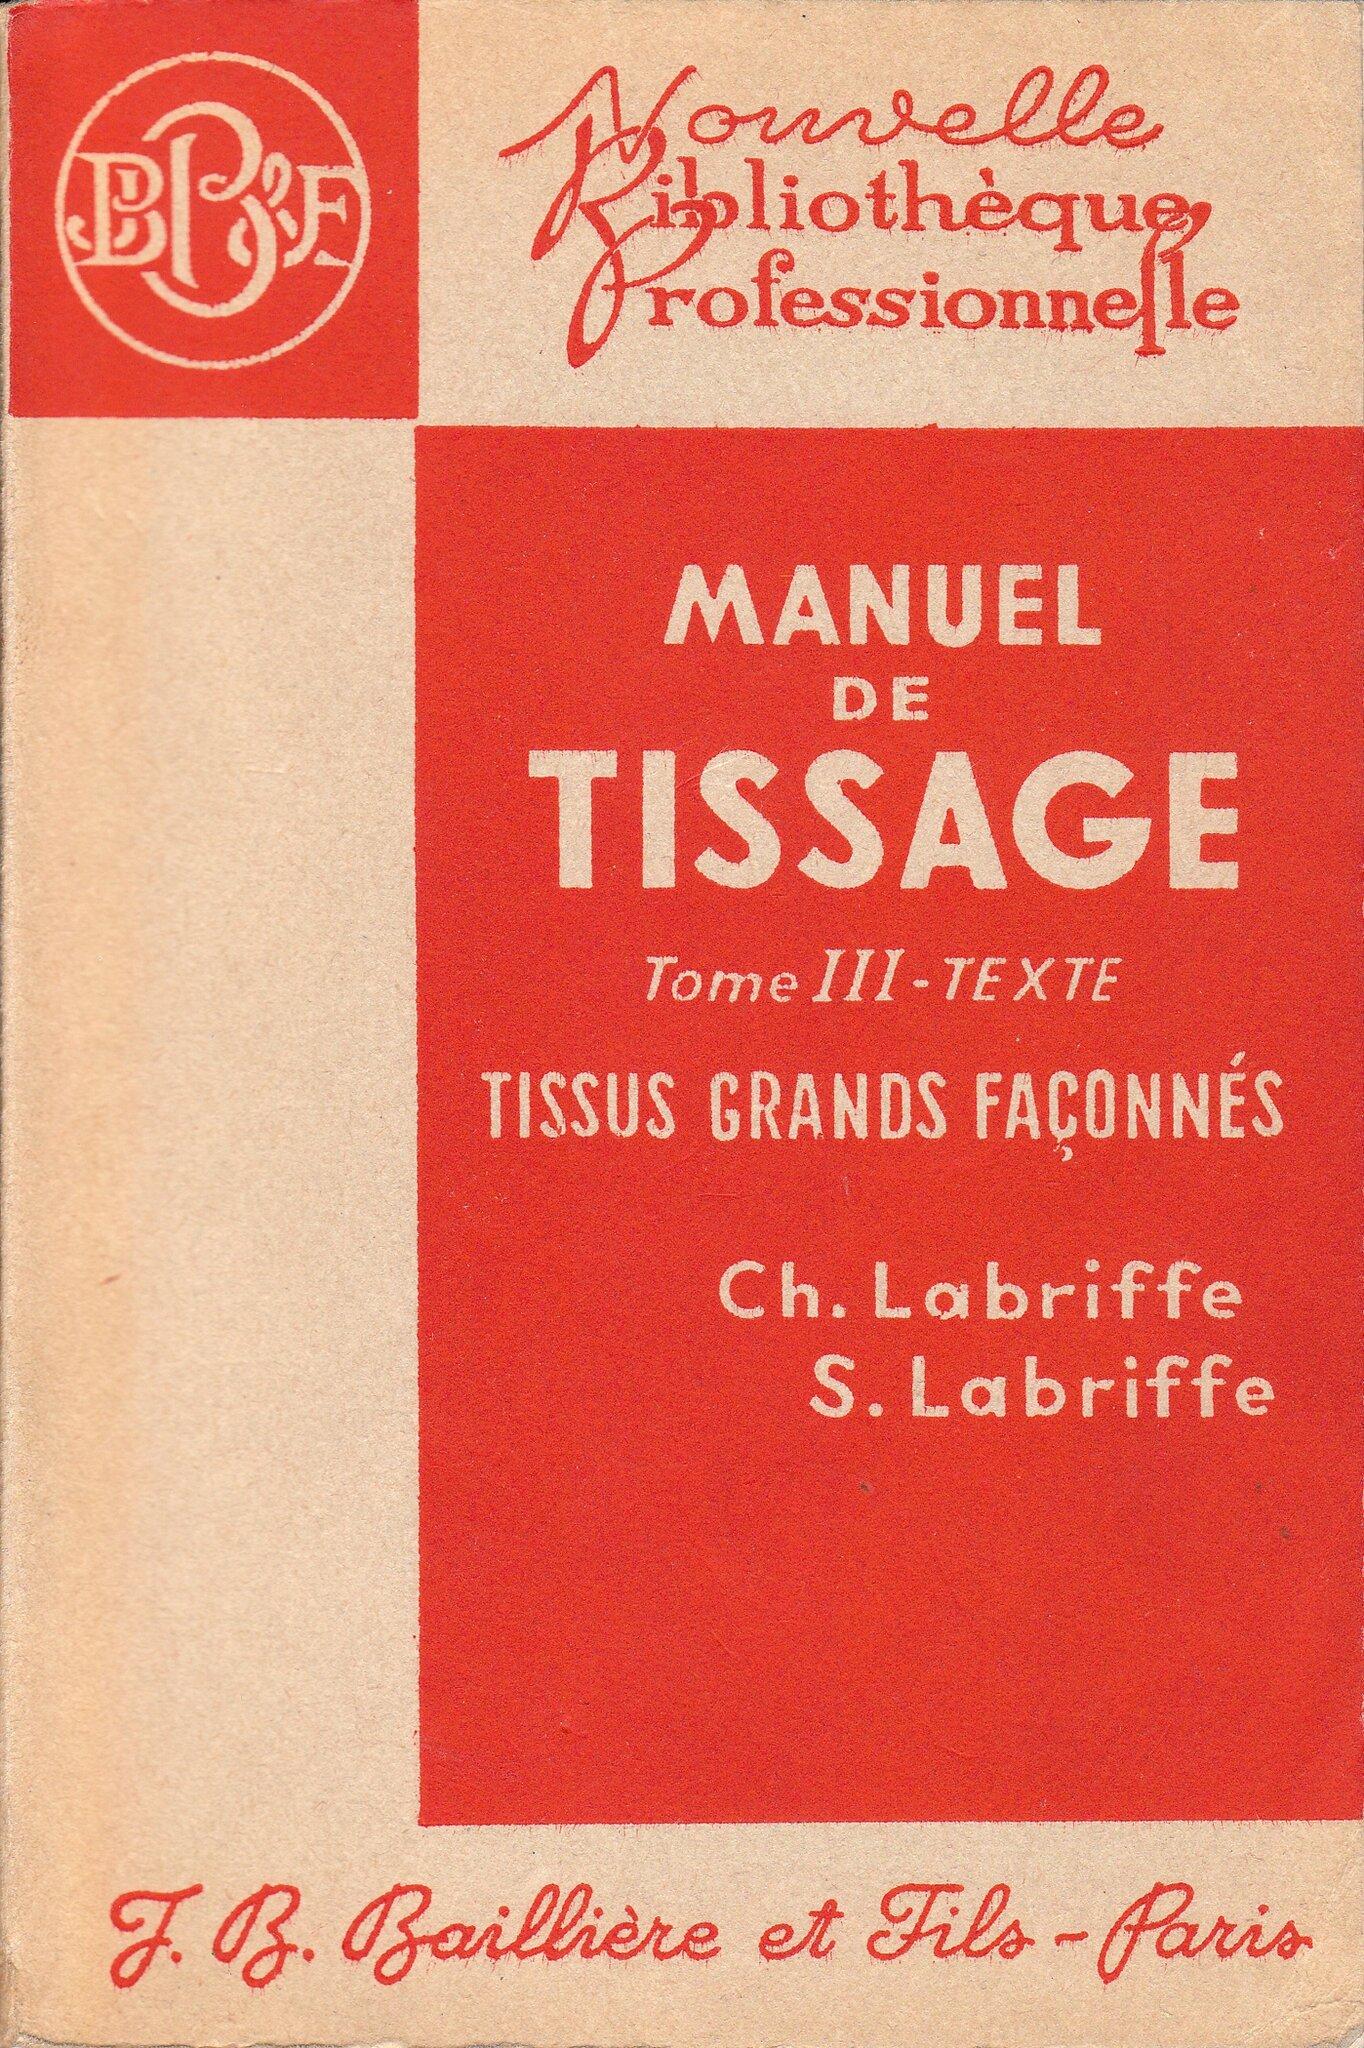 manuel de tissage tome 3